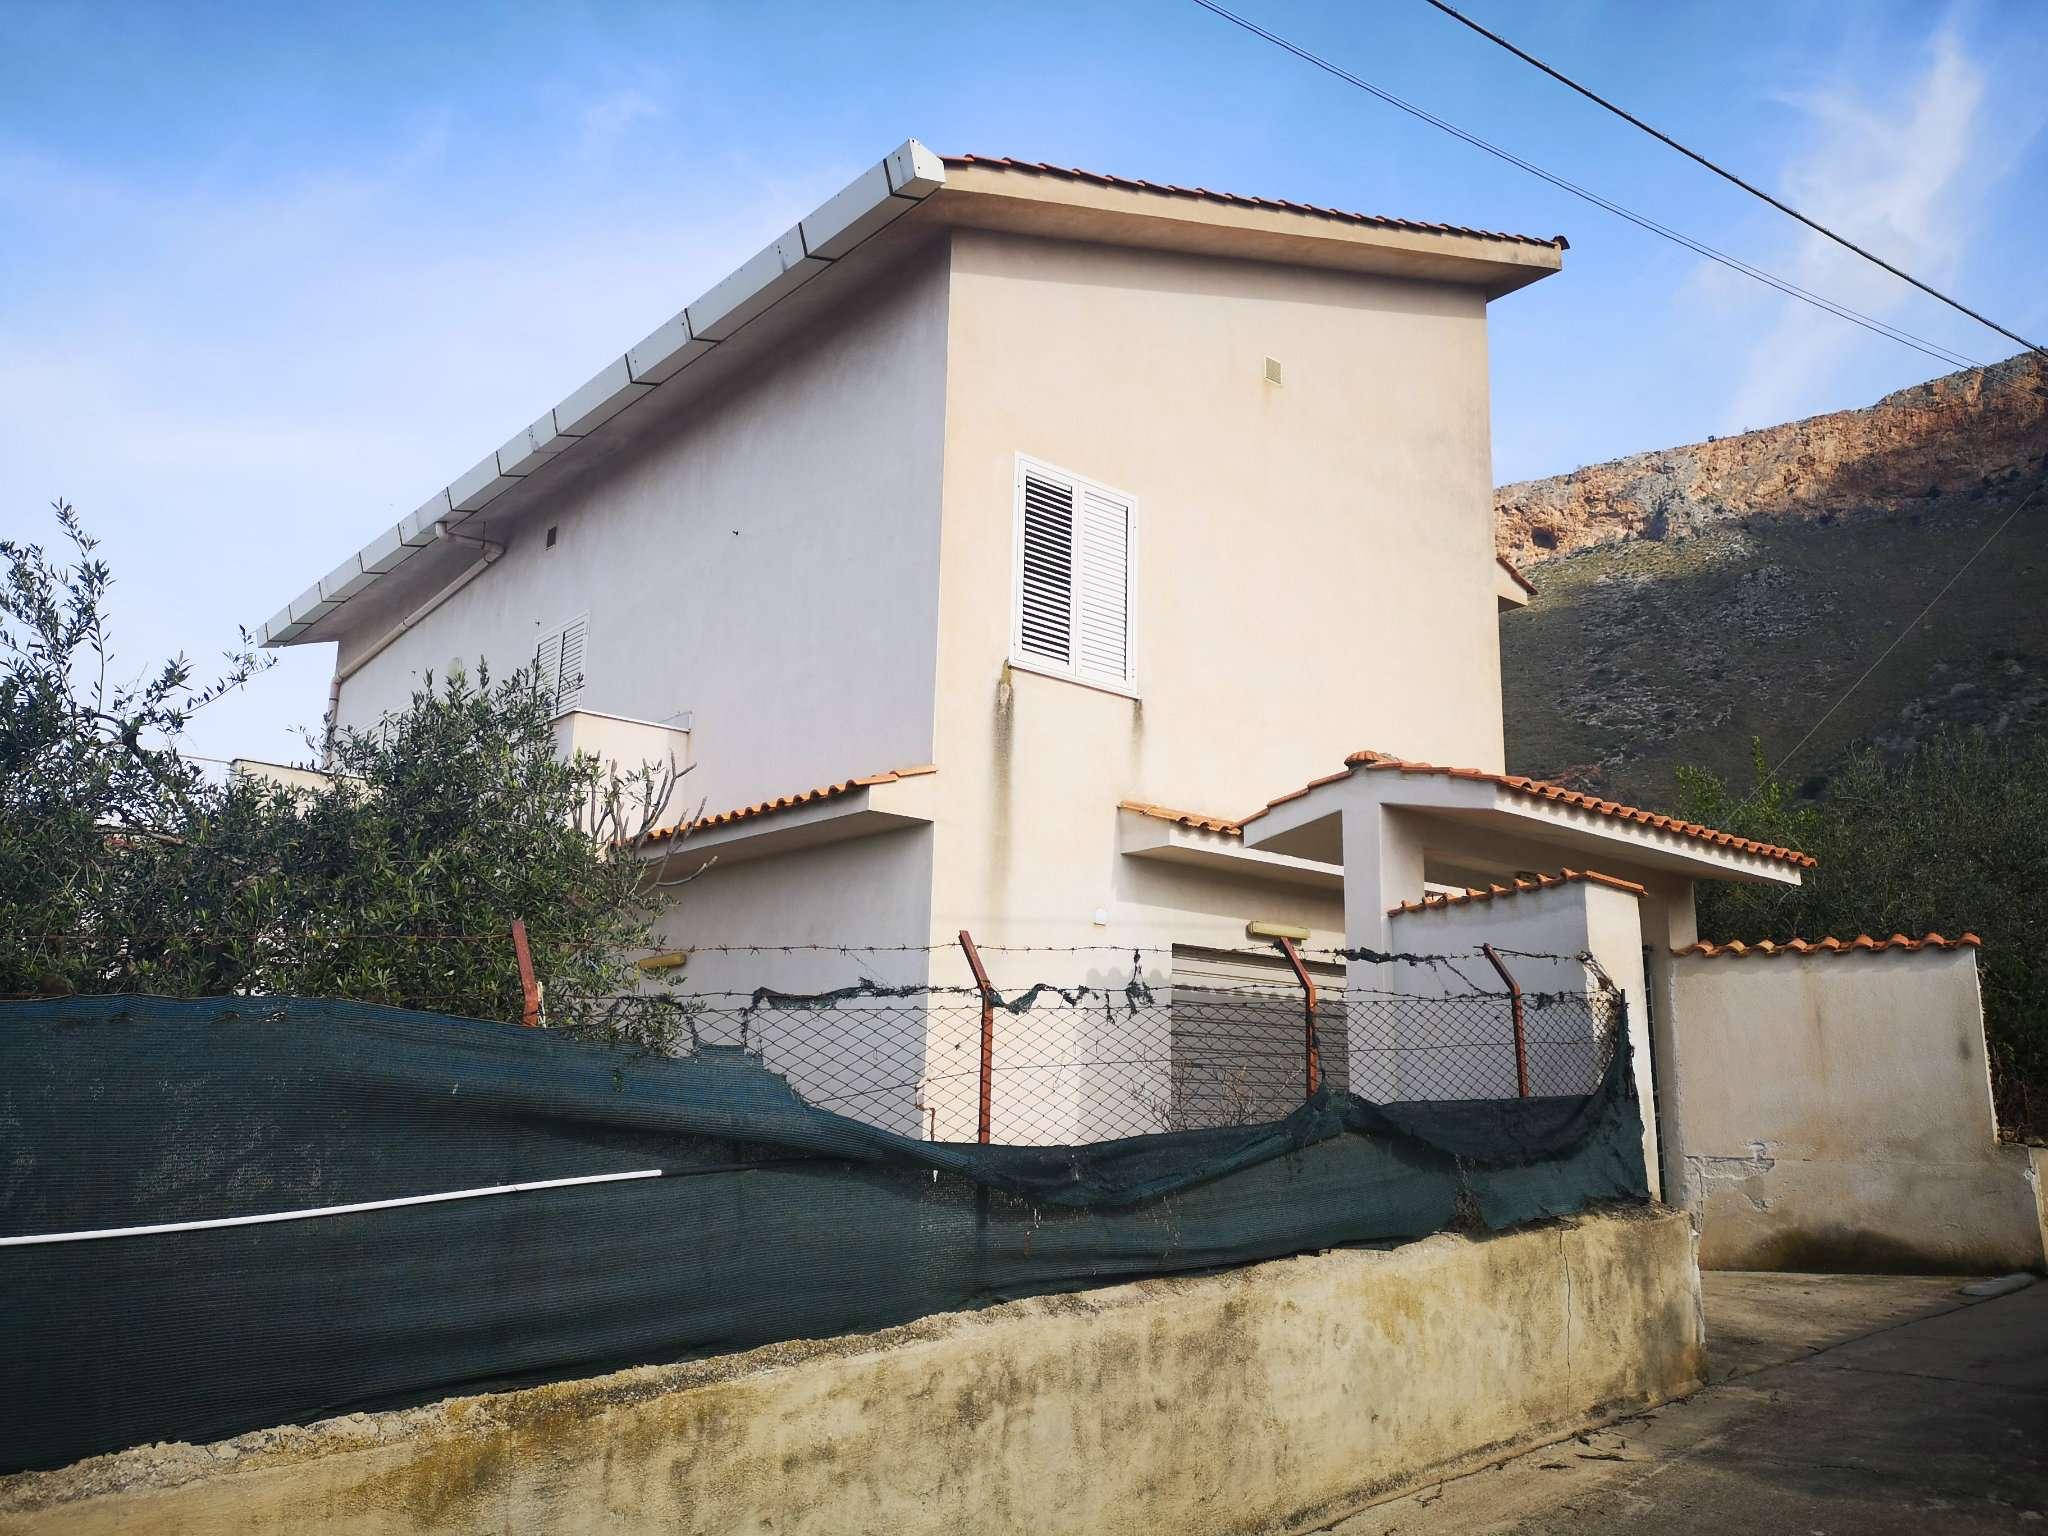 Villa in Vendita a Terrasini: 5 locali, 170 mq